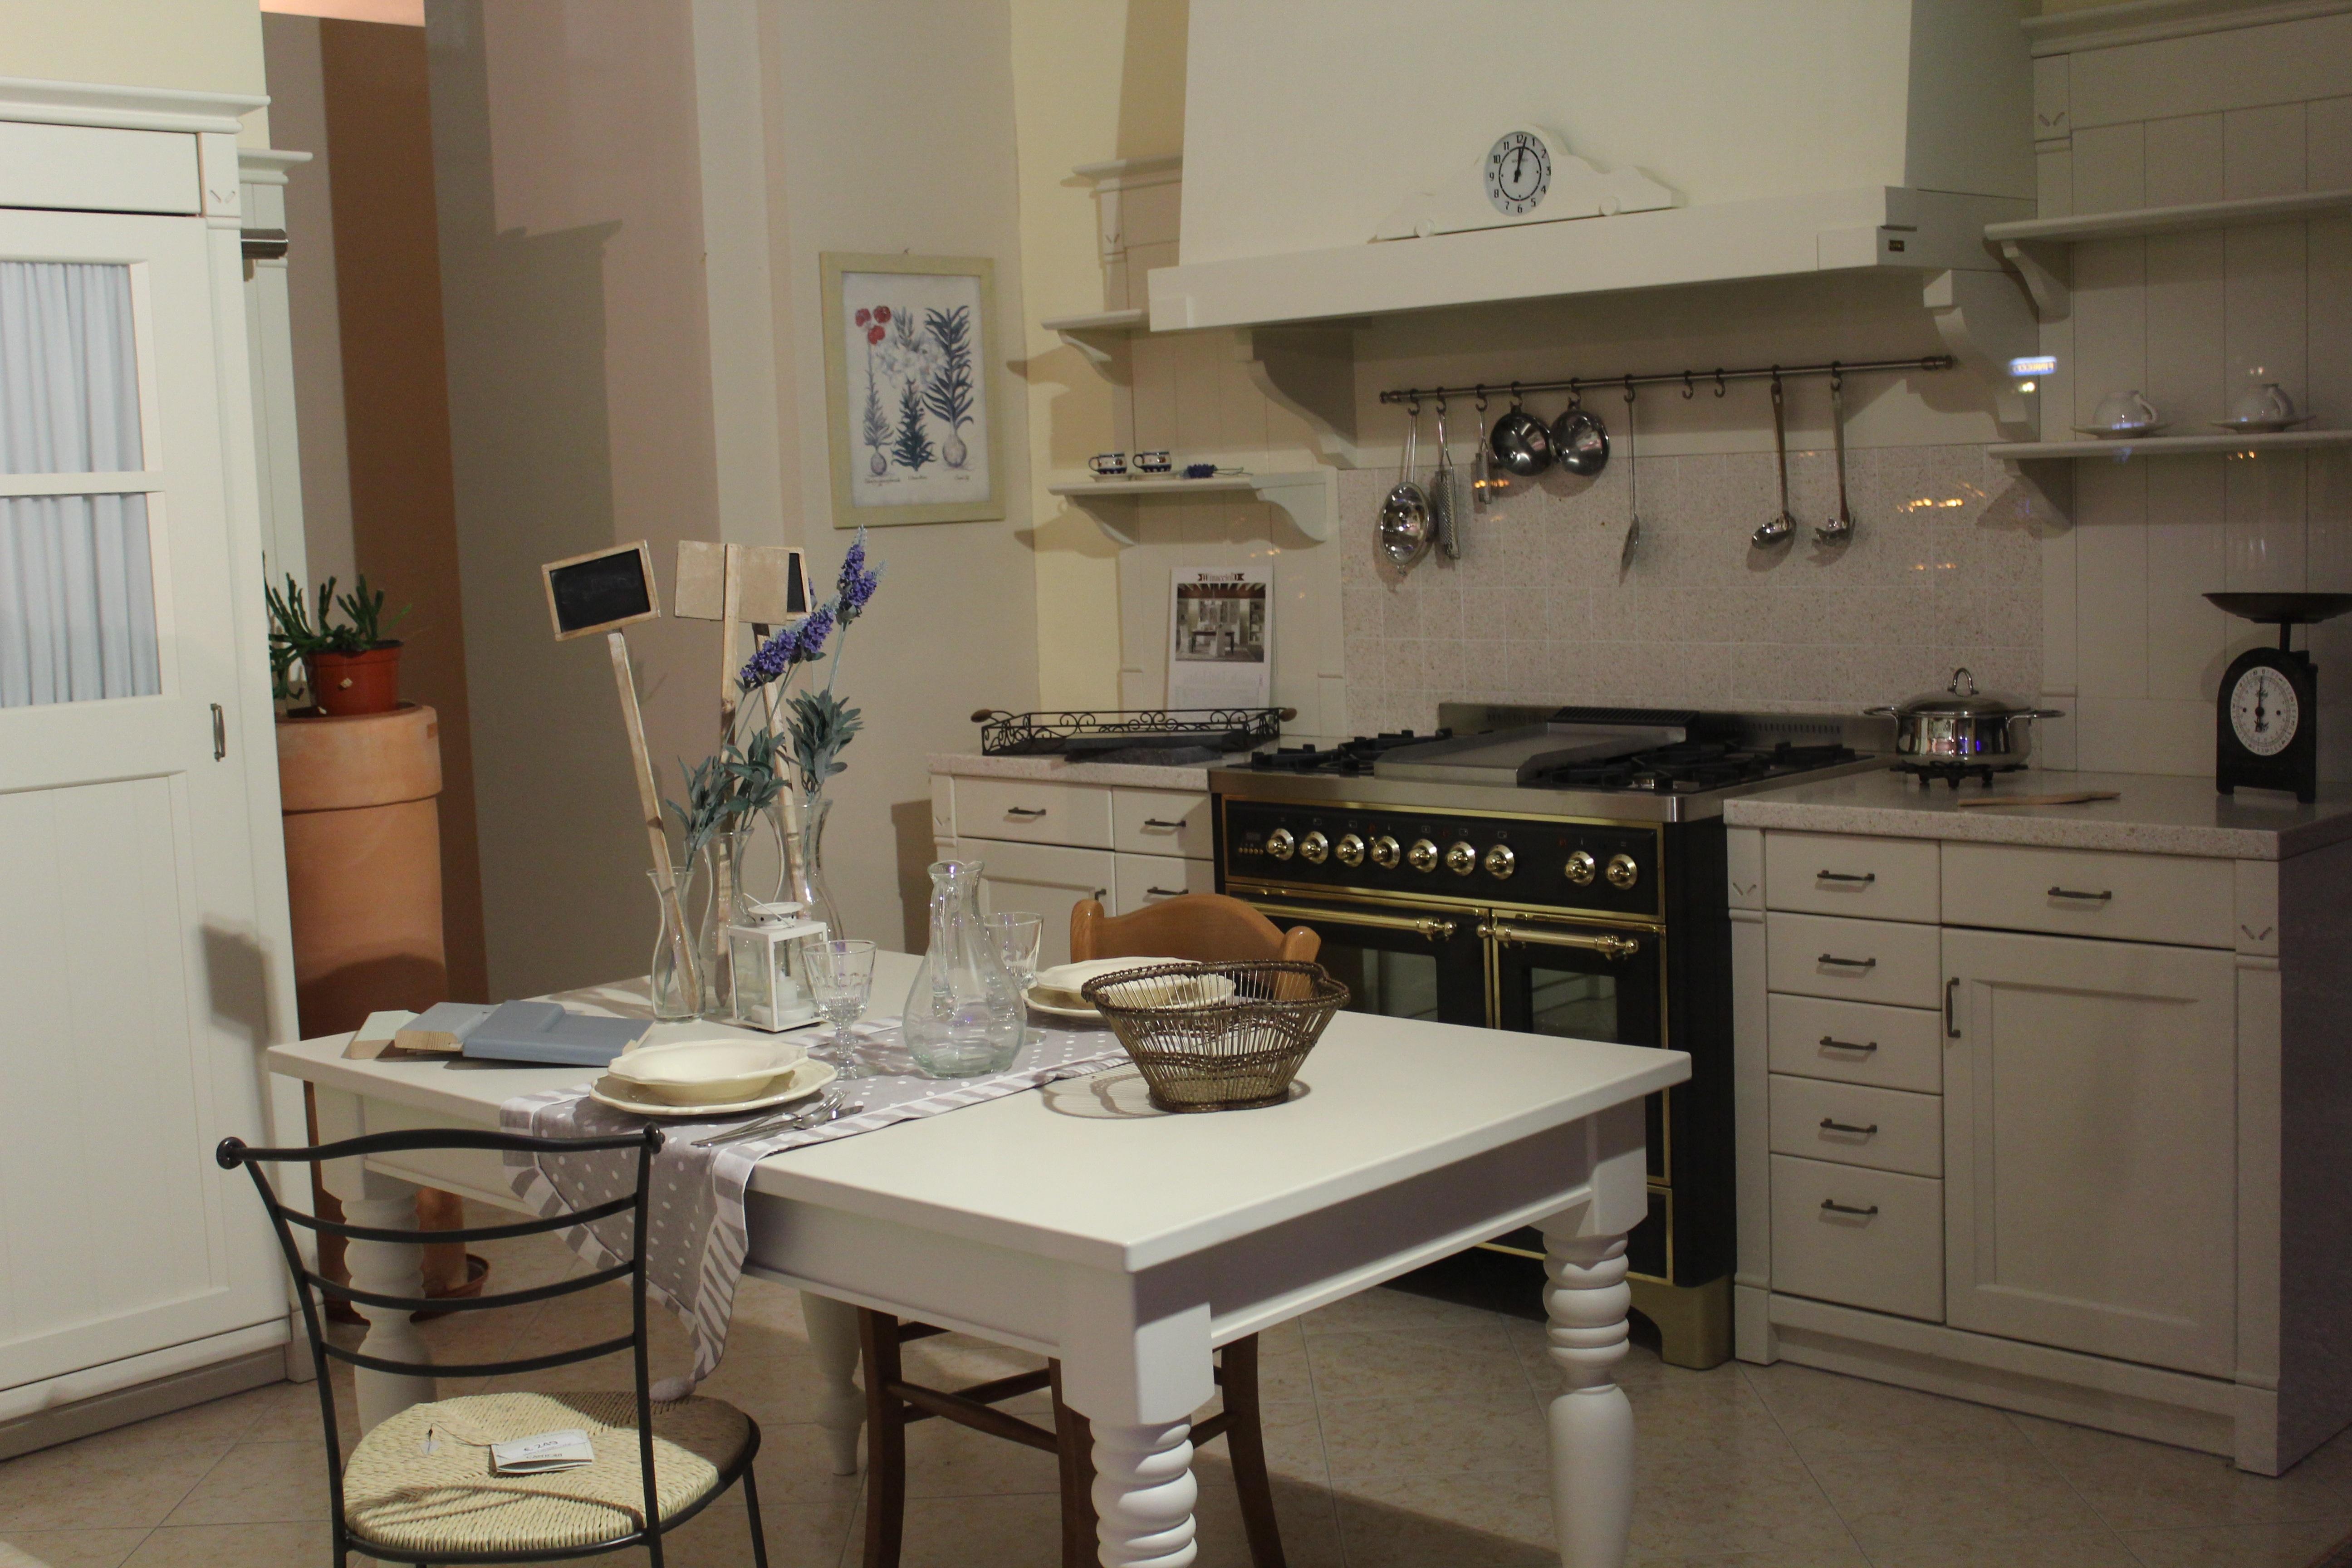 Fotos gratis : mesa, piso, interior, comida, cabaña, propiedad ...